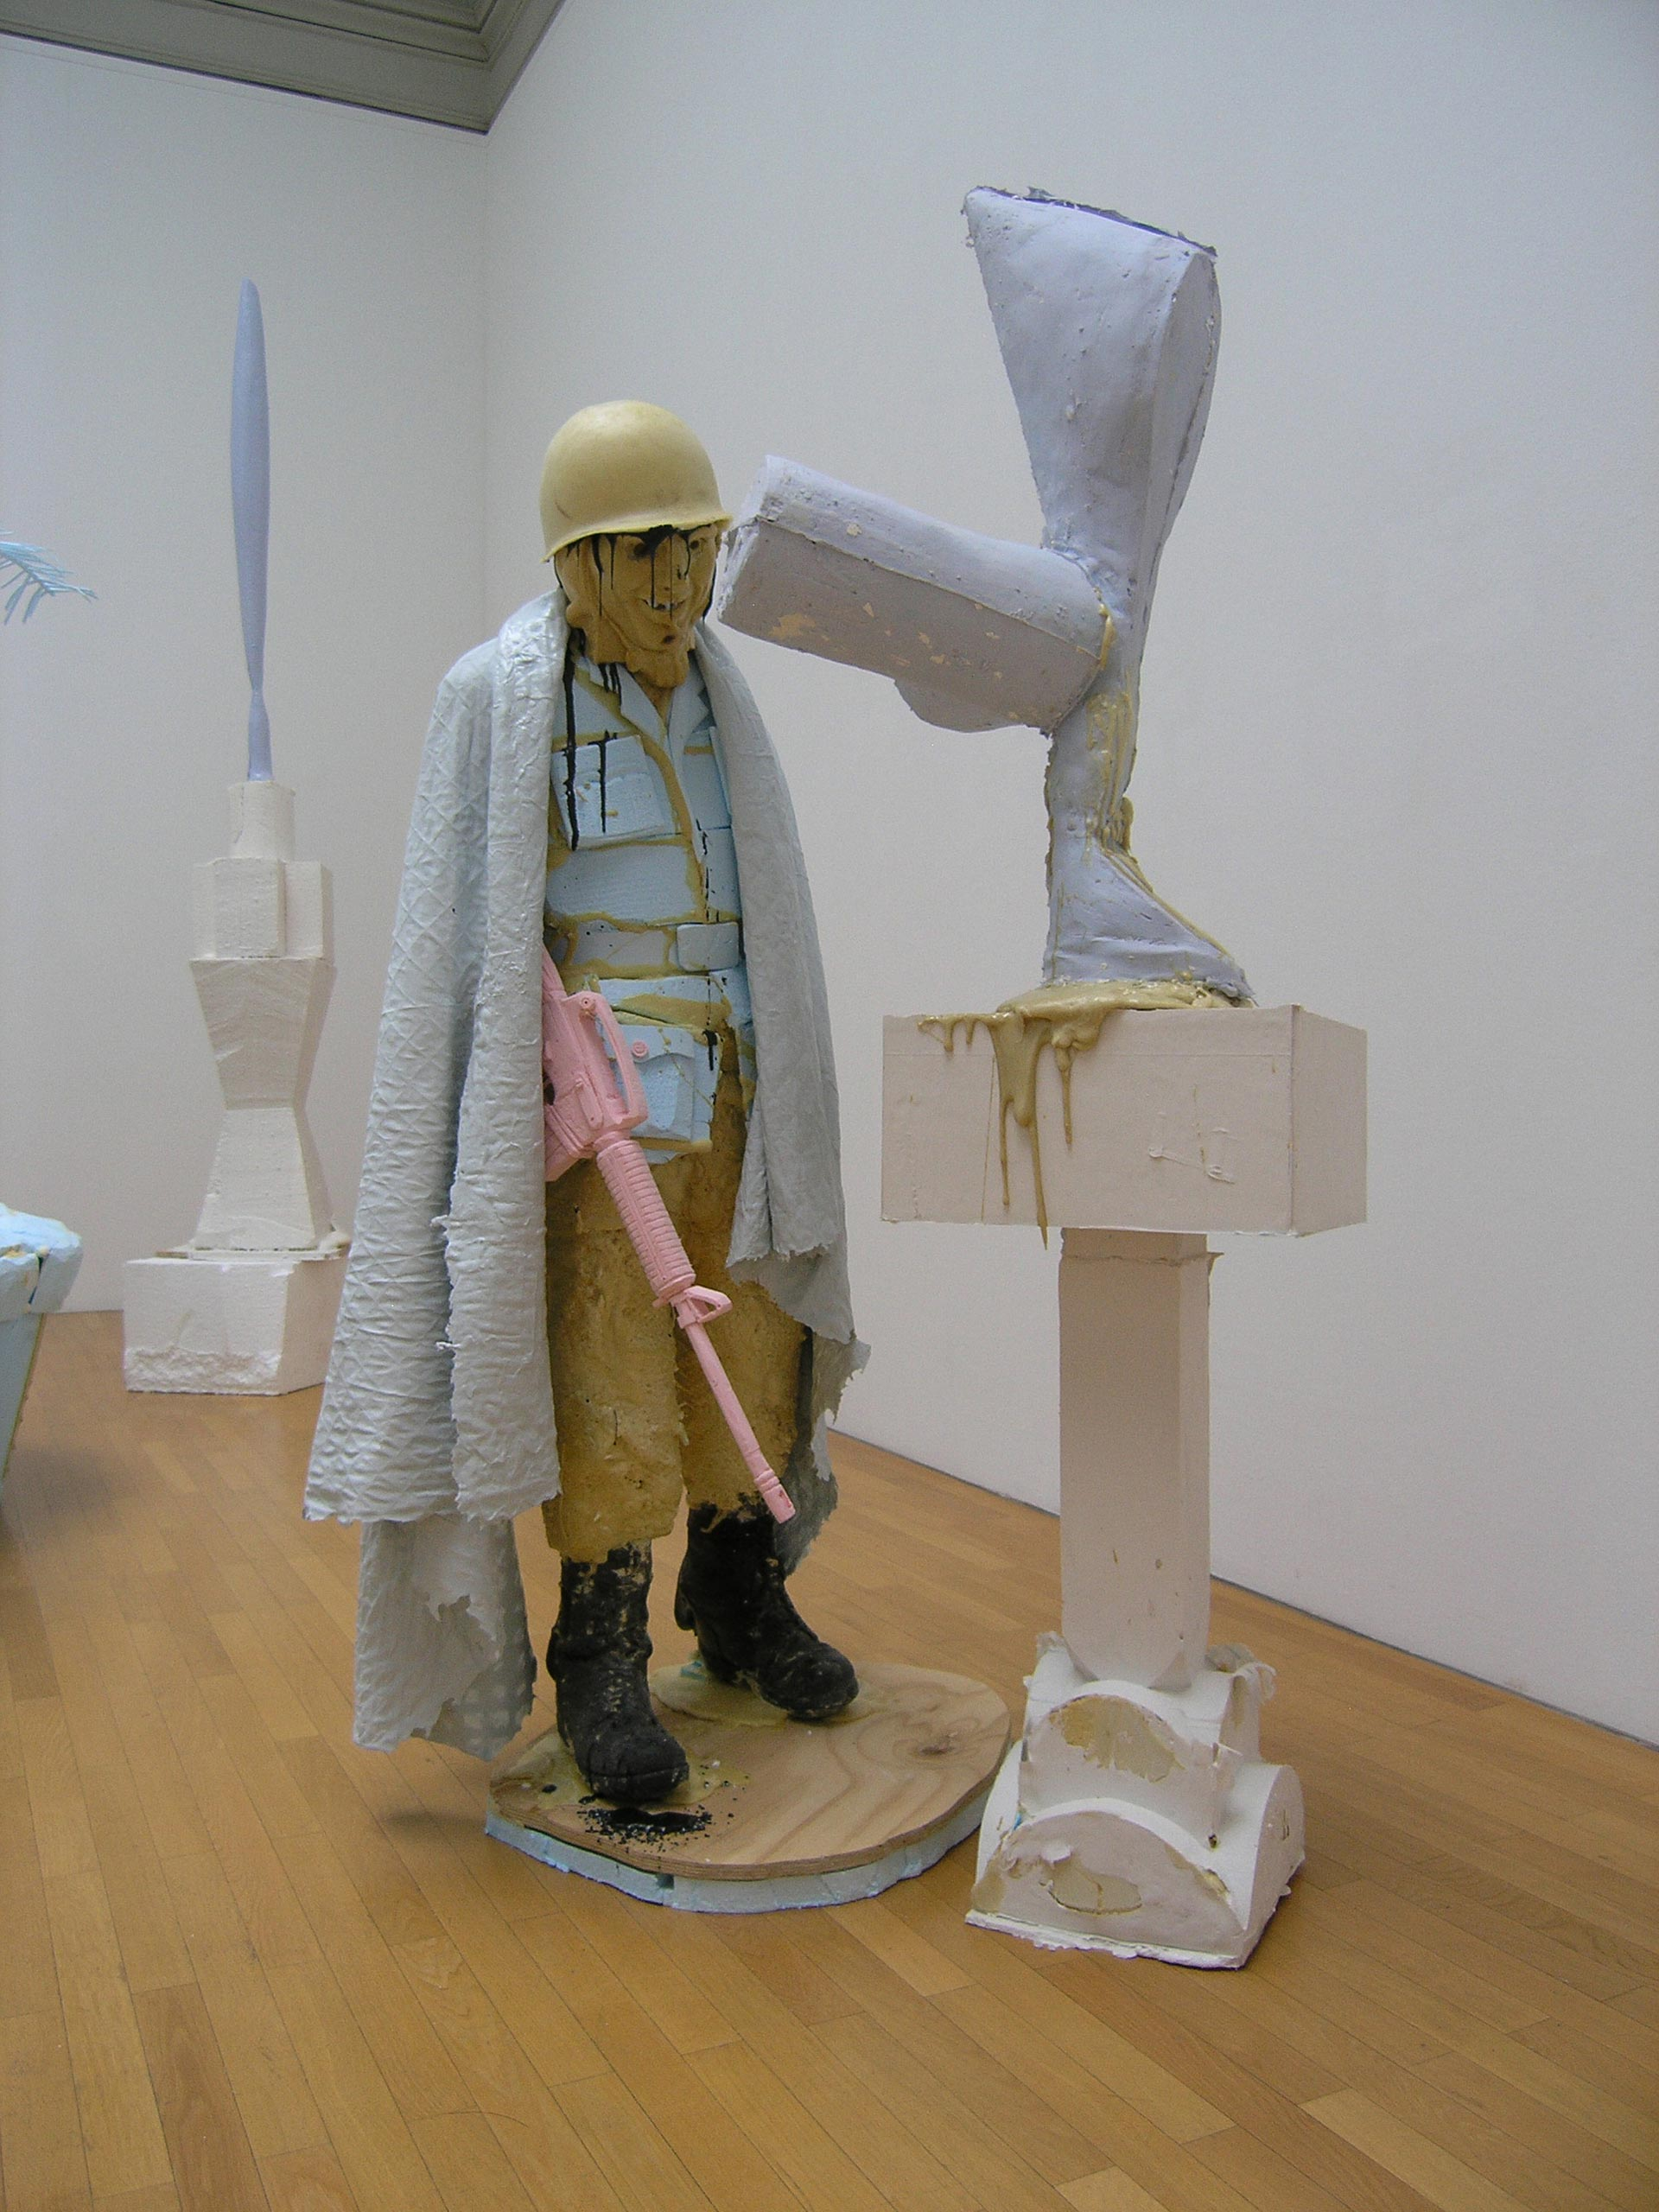 Folkert-de-Jong-Kunsthalle-Winterthur-2006-4.jpg